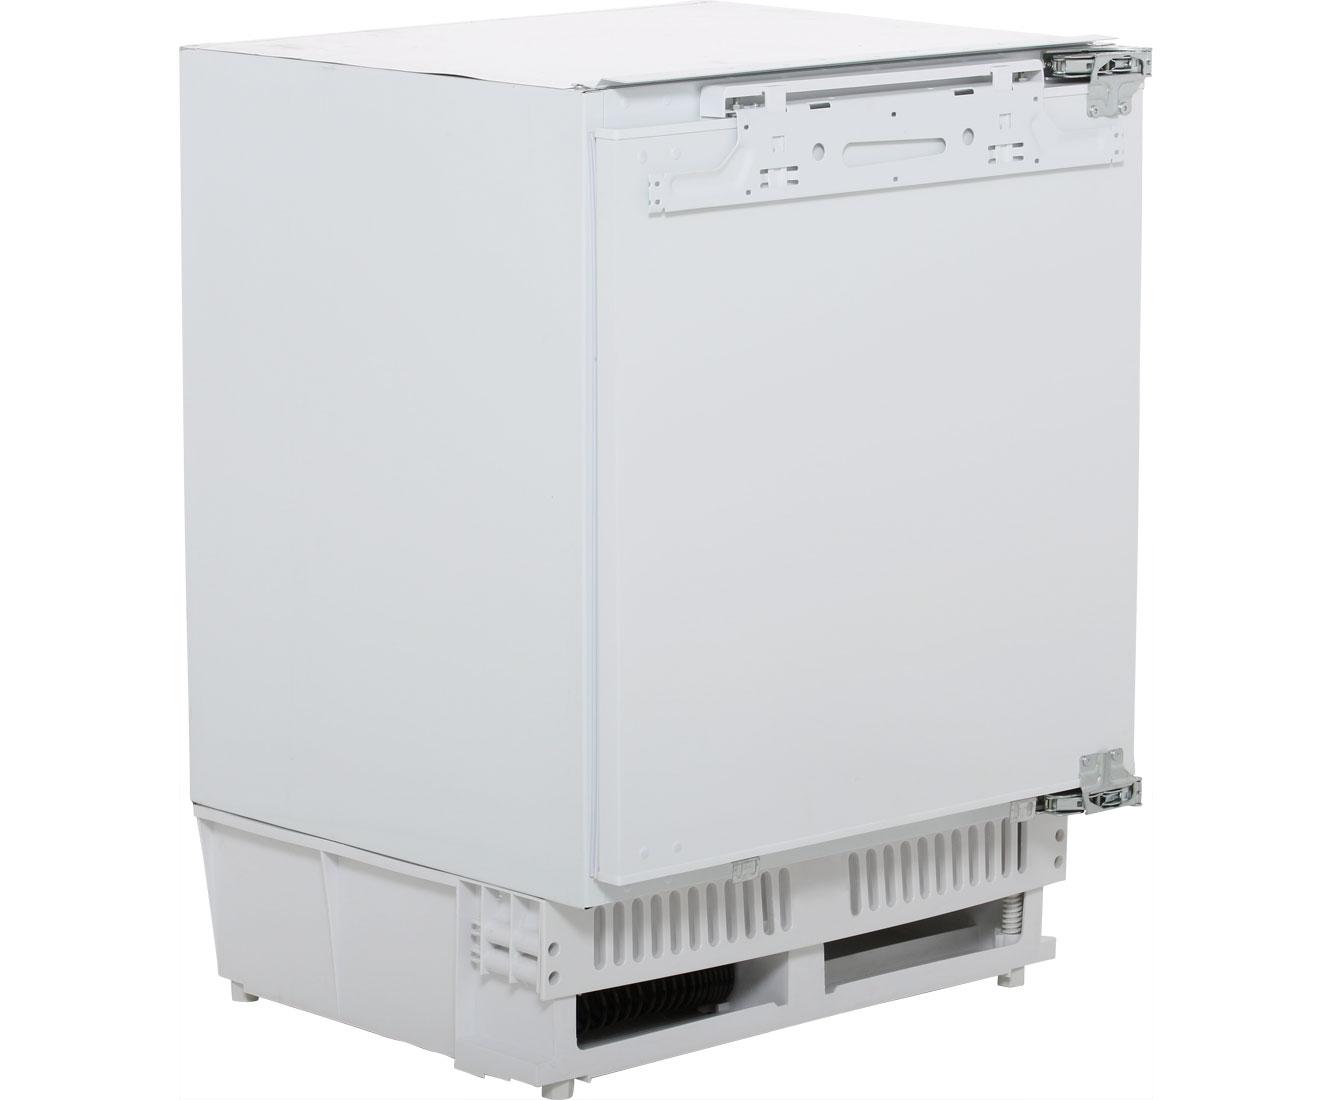 Aeg Kühlschrank Unterbau : Kühlschrank unterbau aeg sks f unterbau kühlschrank festtür